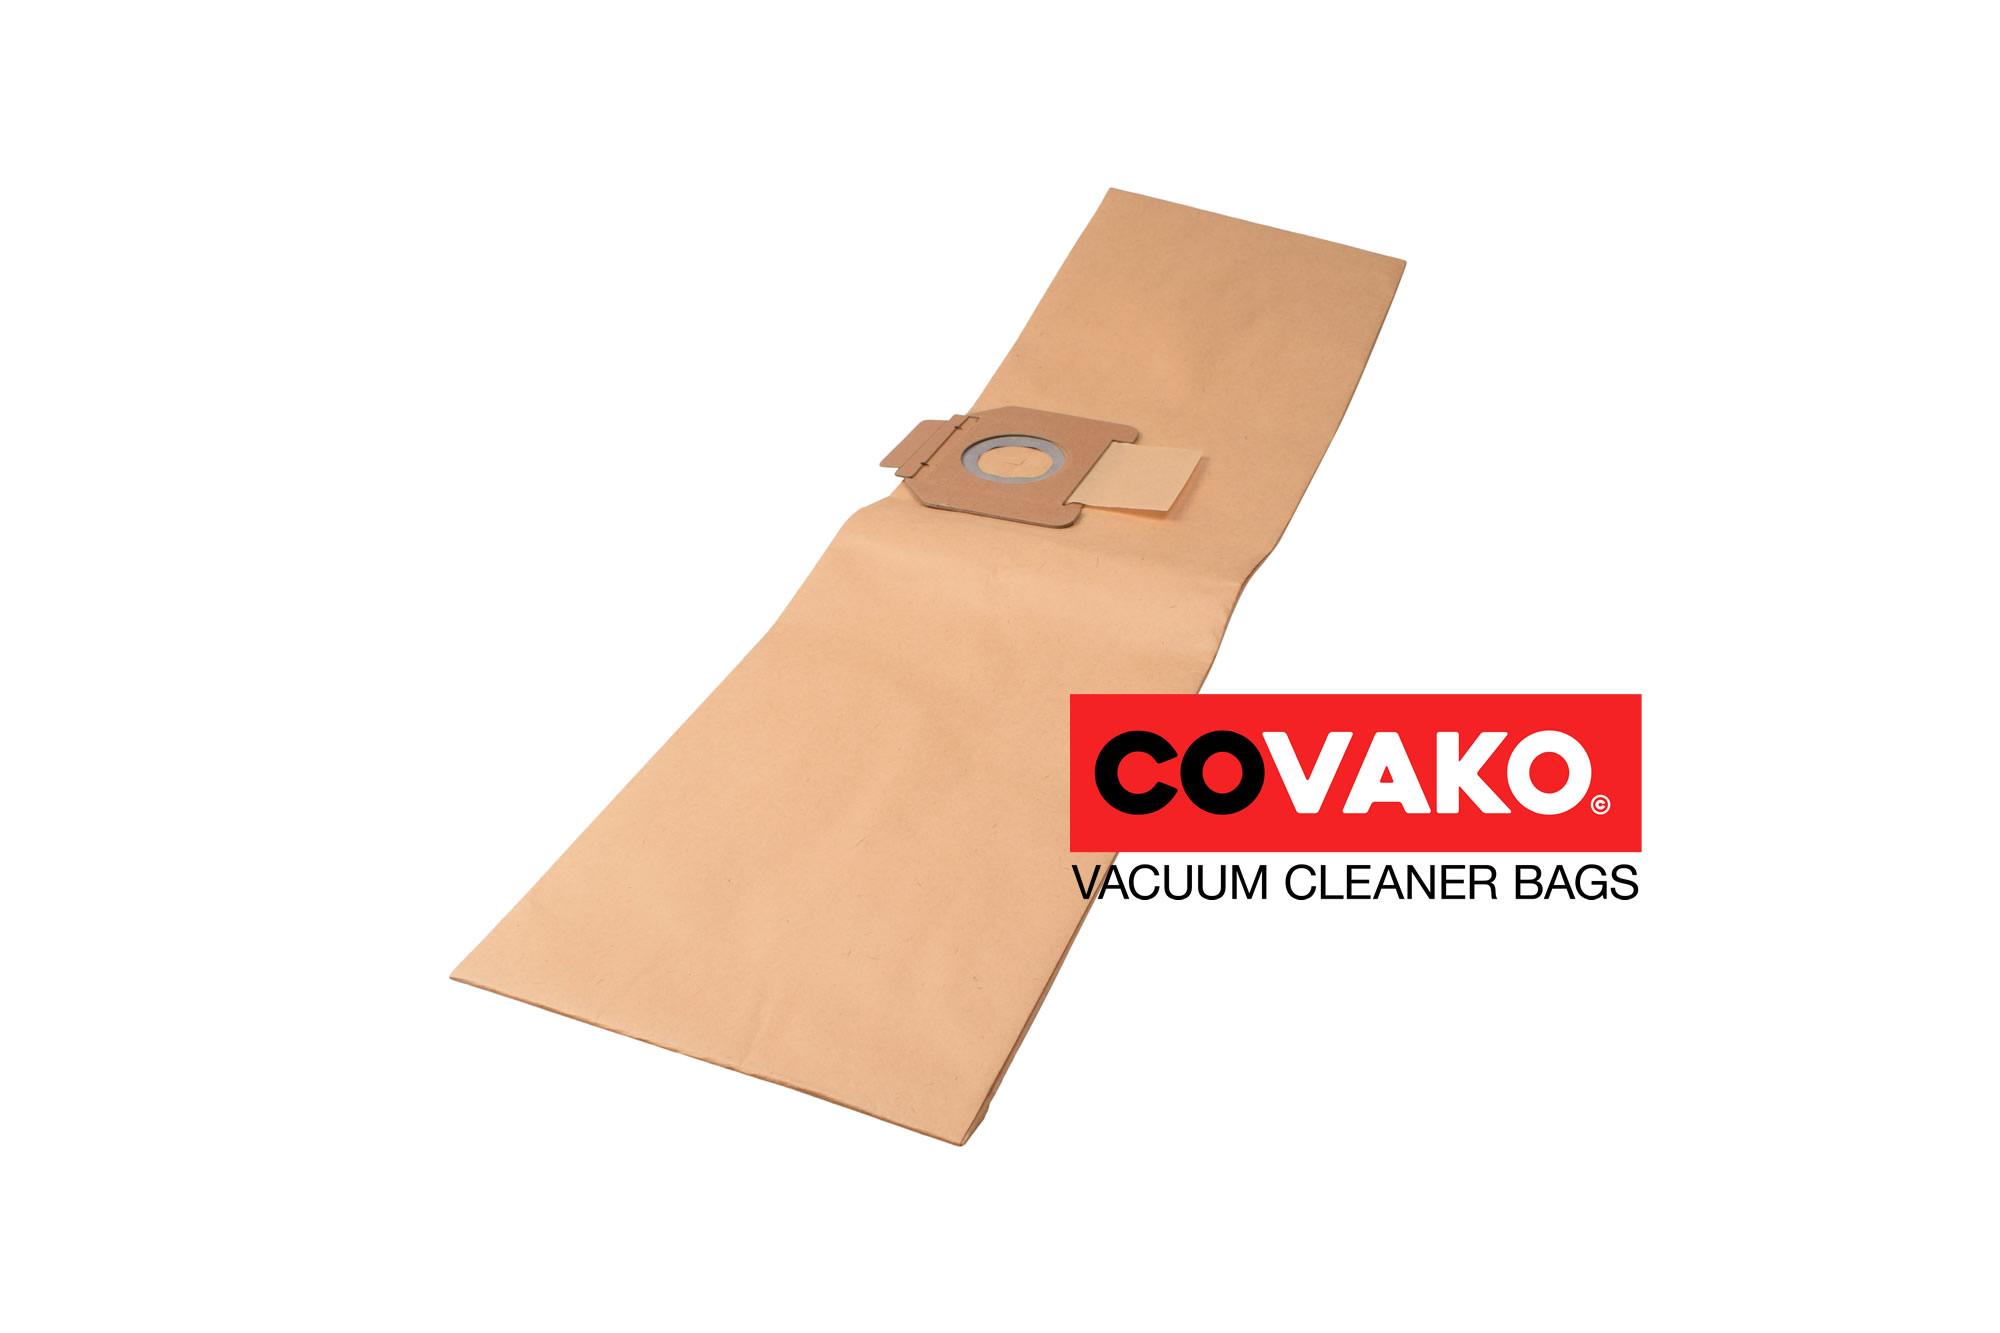 Alto SQ 4 / Papier - Alto sacs d'aspirateur